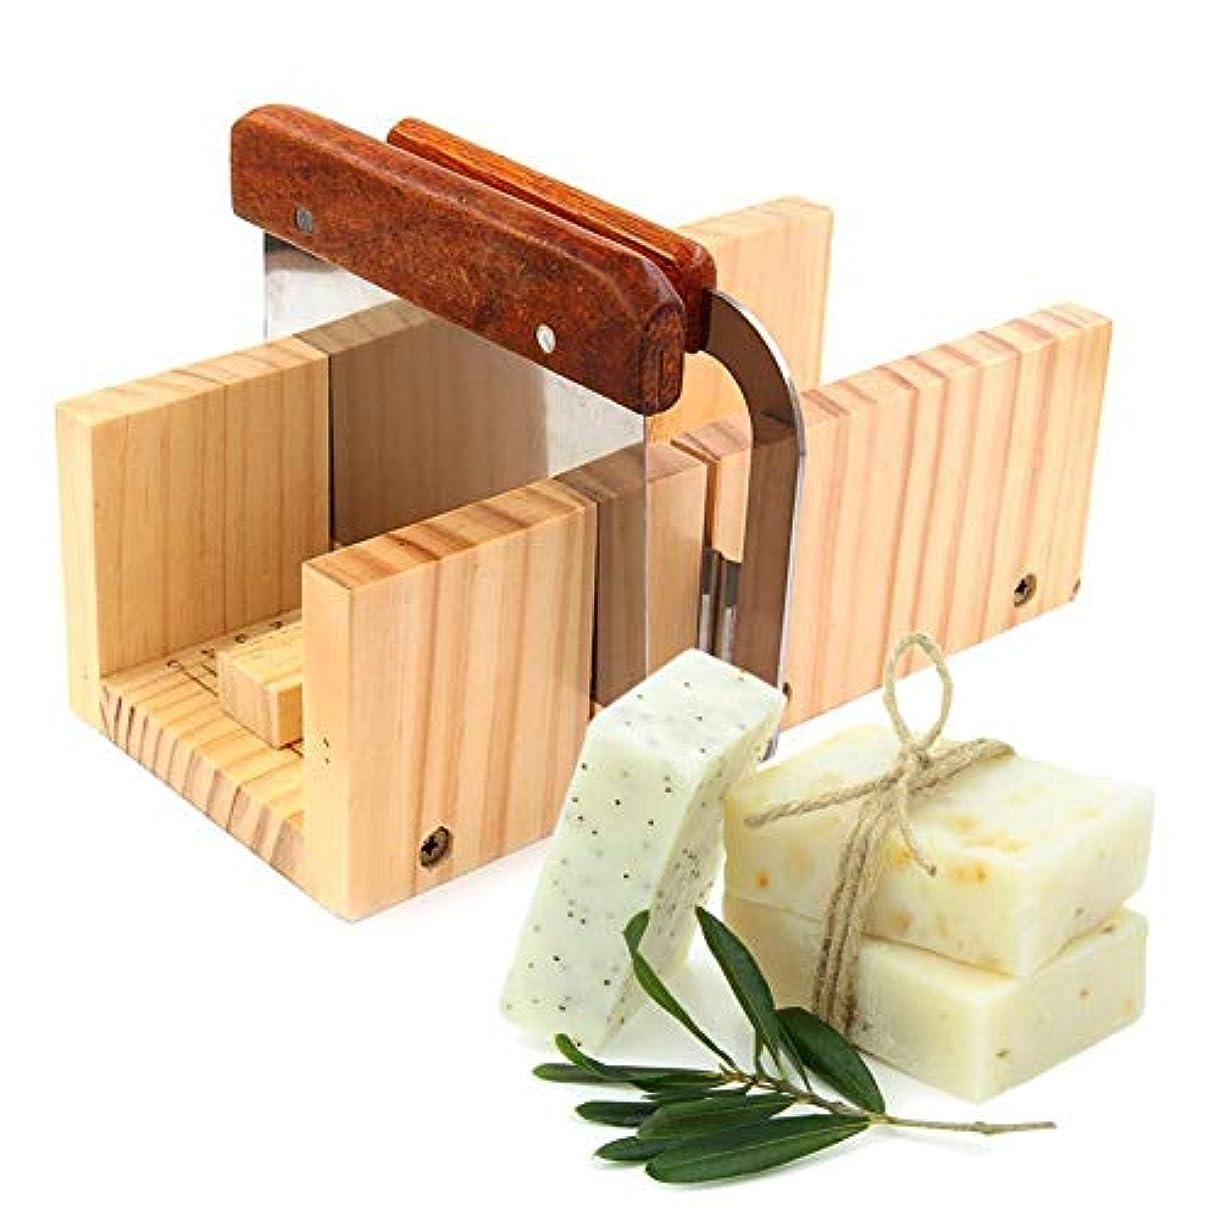 小麦象タイムリーなソープモールド、調整可能、木製、ハンドメイド、石鹸、モールドアクセサリー、ストレートプレーナー付き